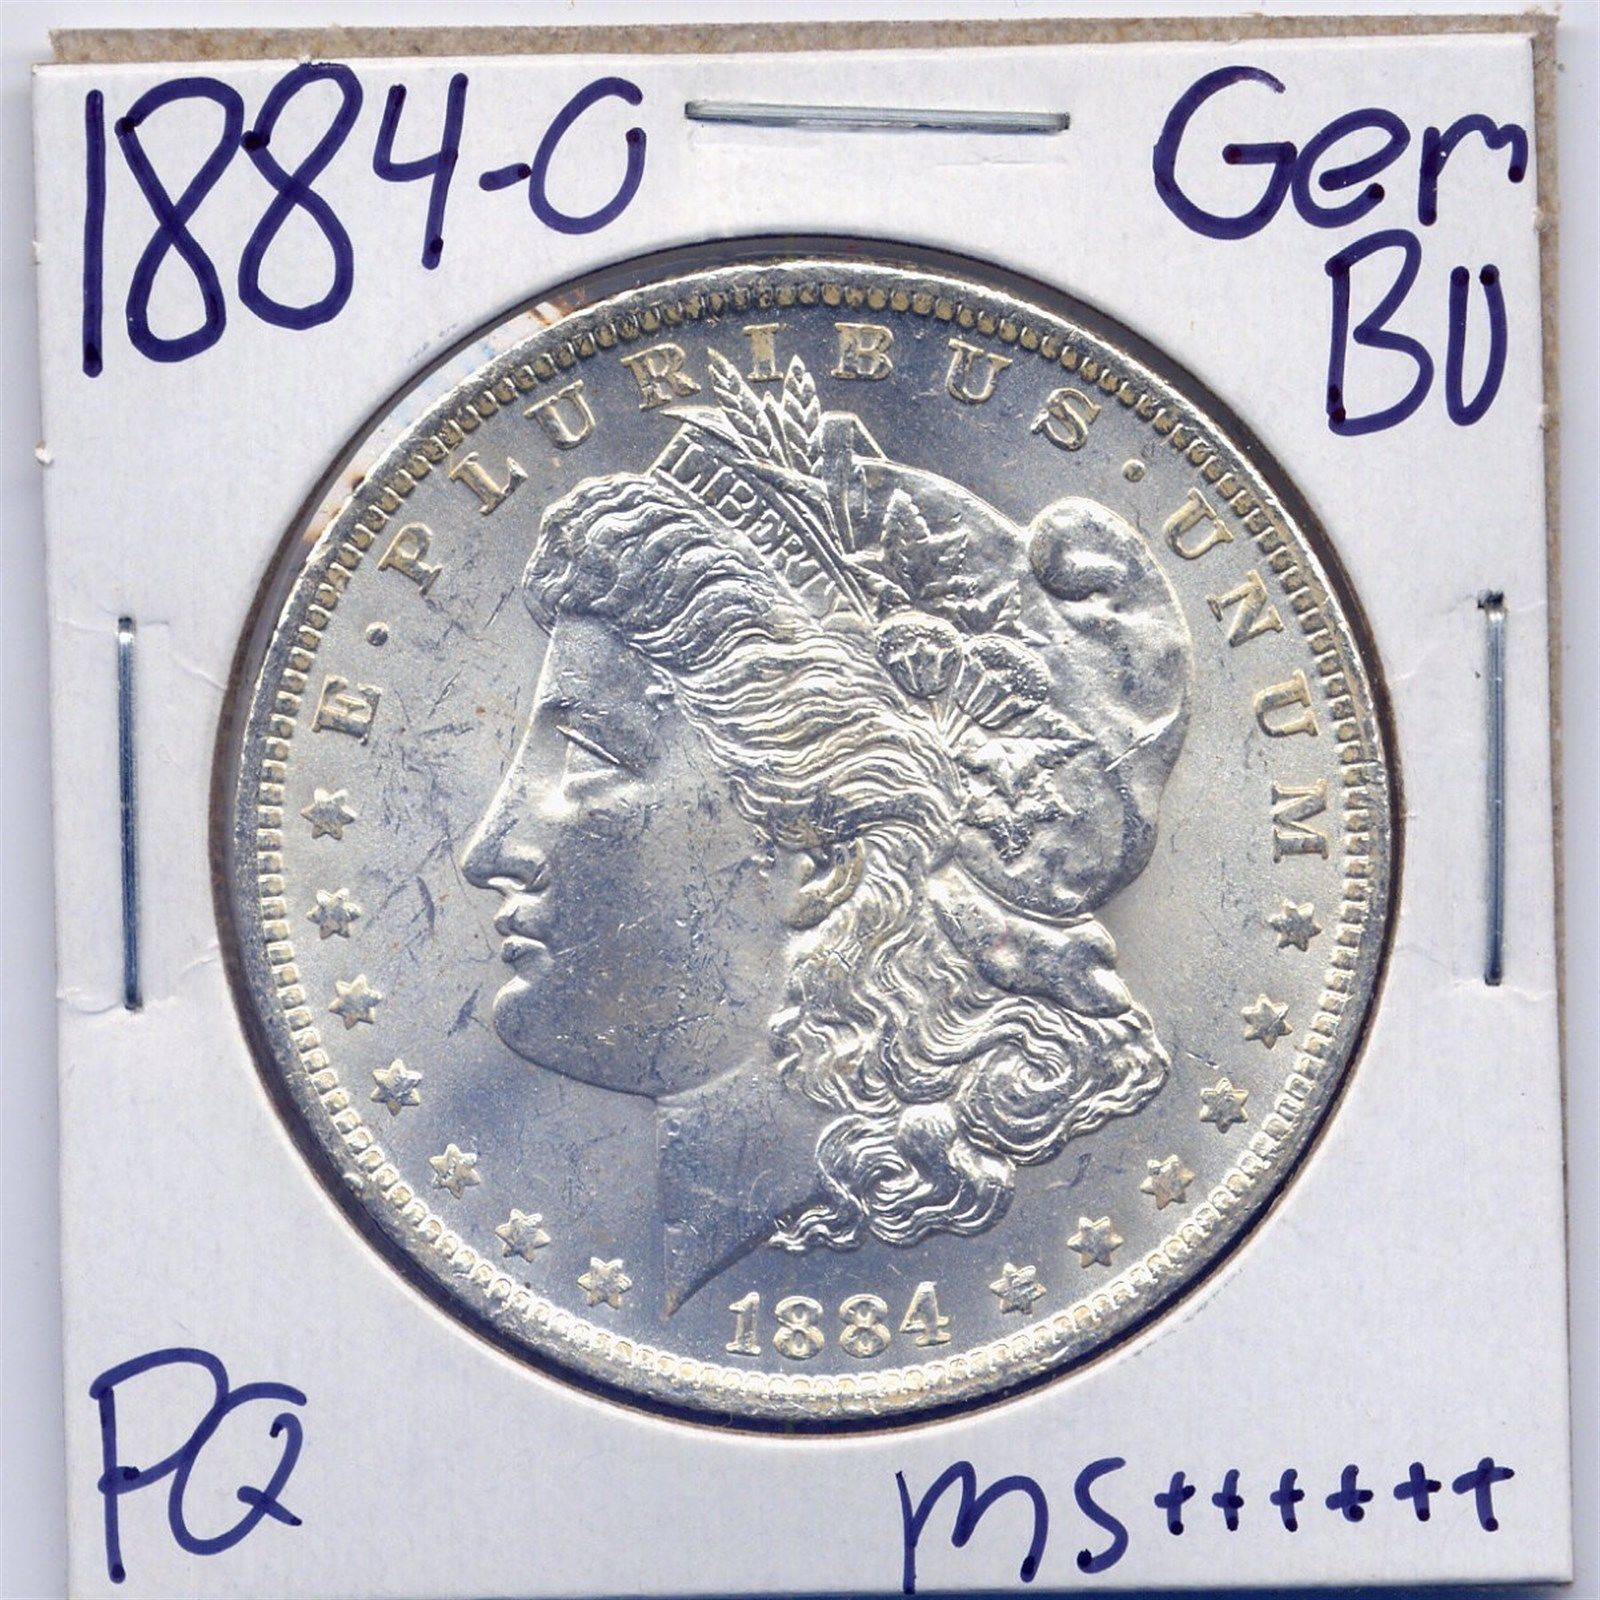 Coins 1884 O Morgan Dollar Uncirculated US Mint Gem PQ Silver Coin